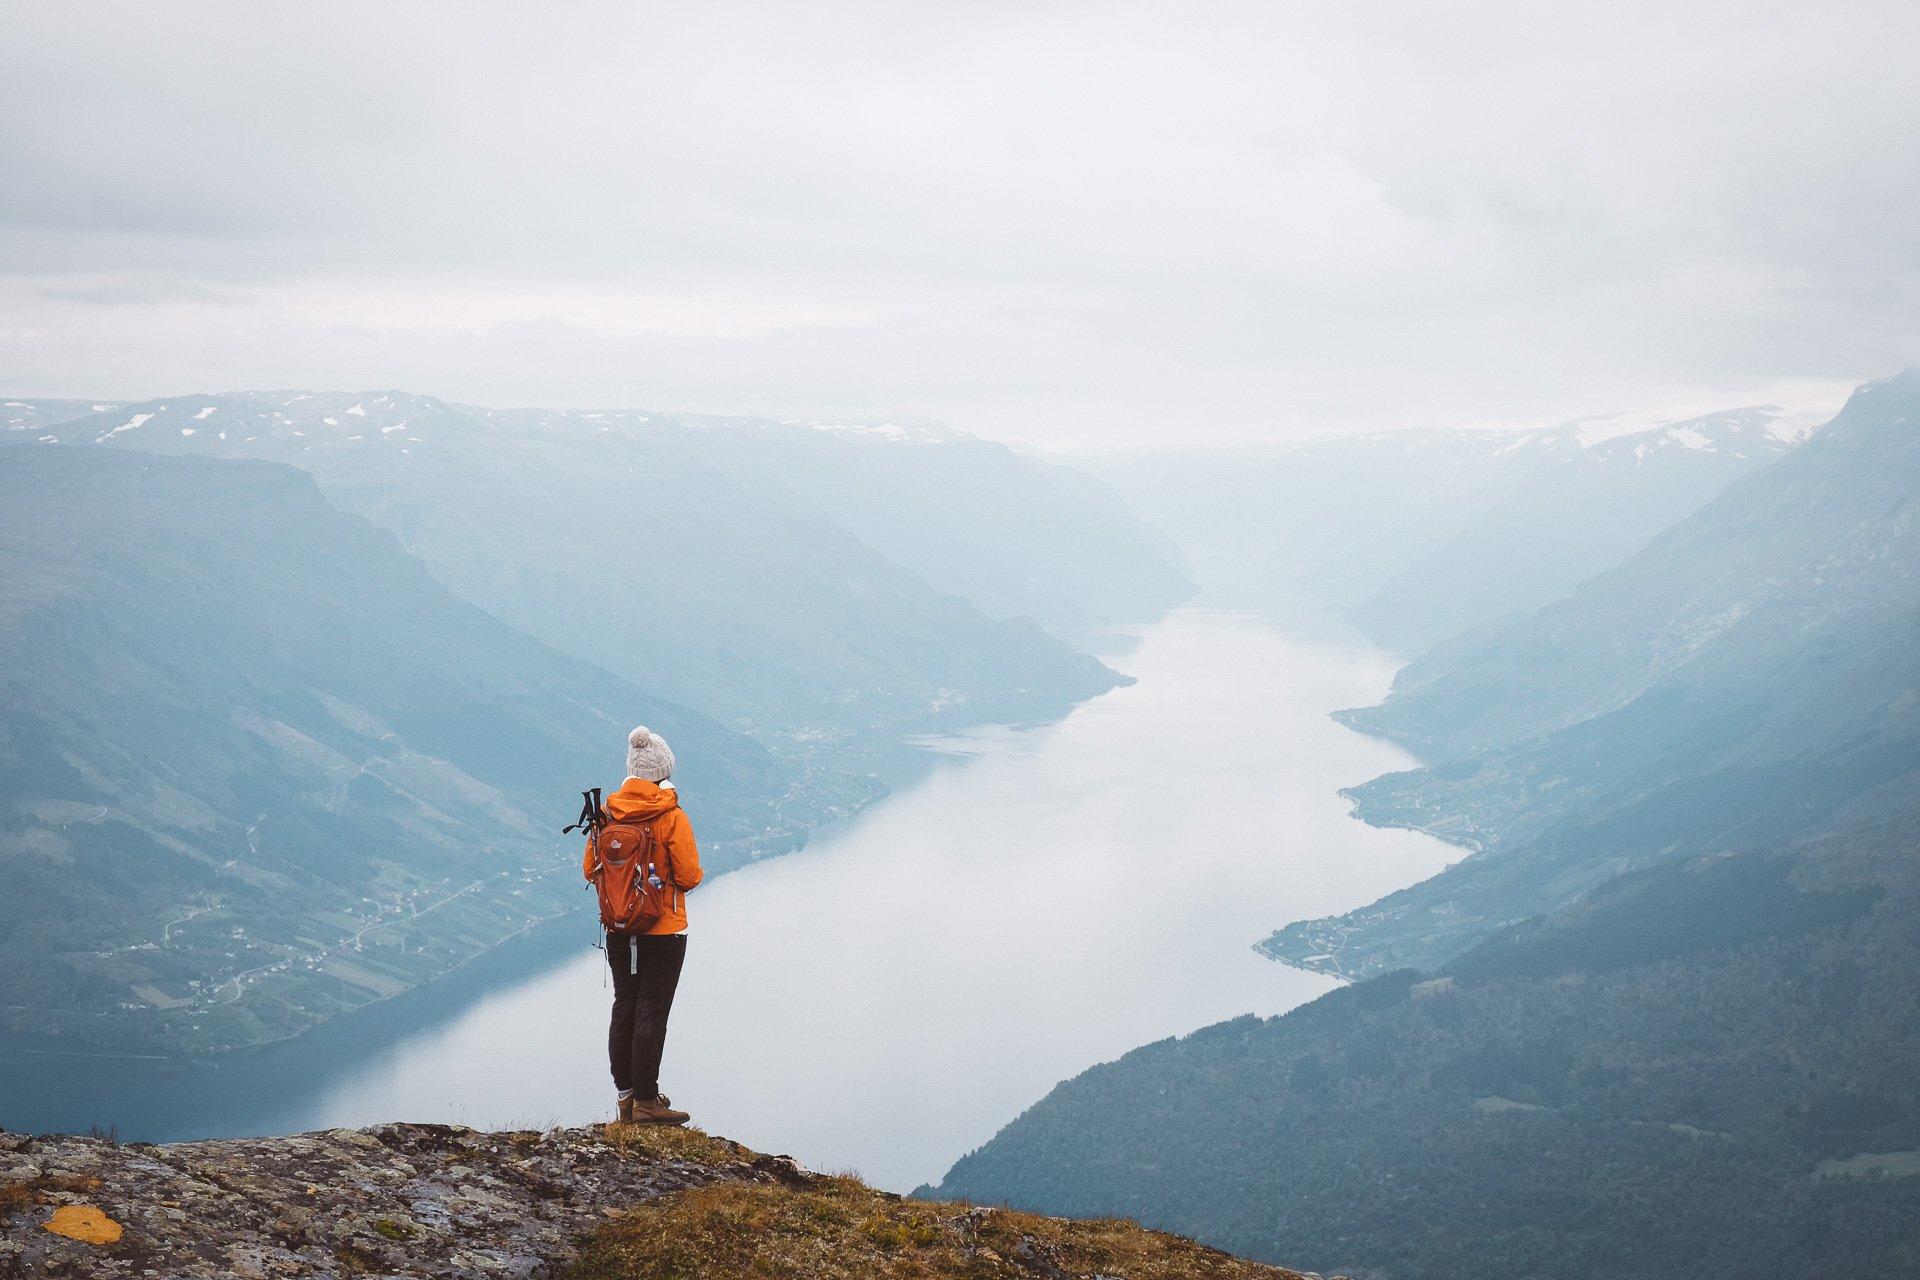 Hike Outdoor Norway 5 1